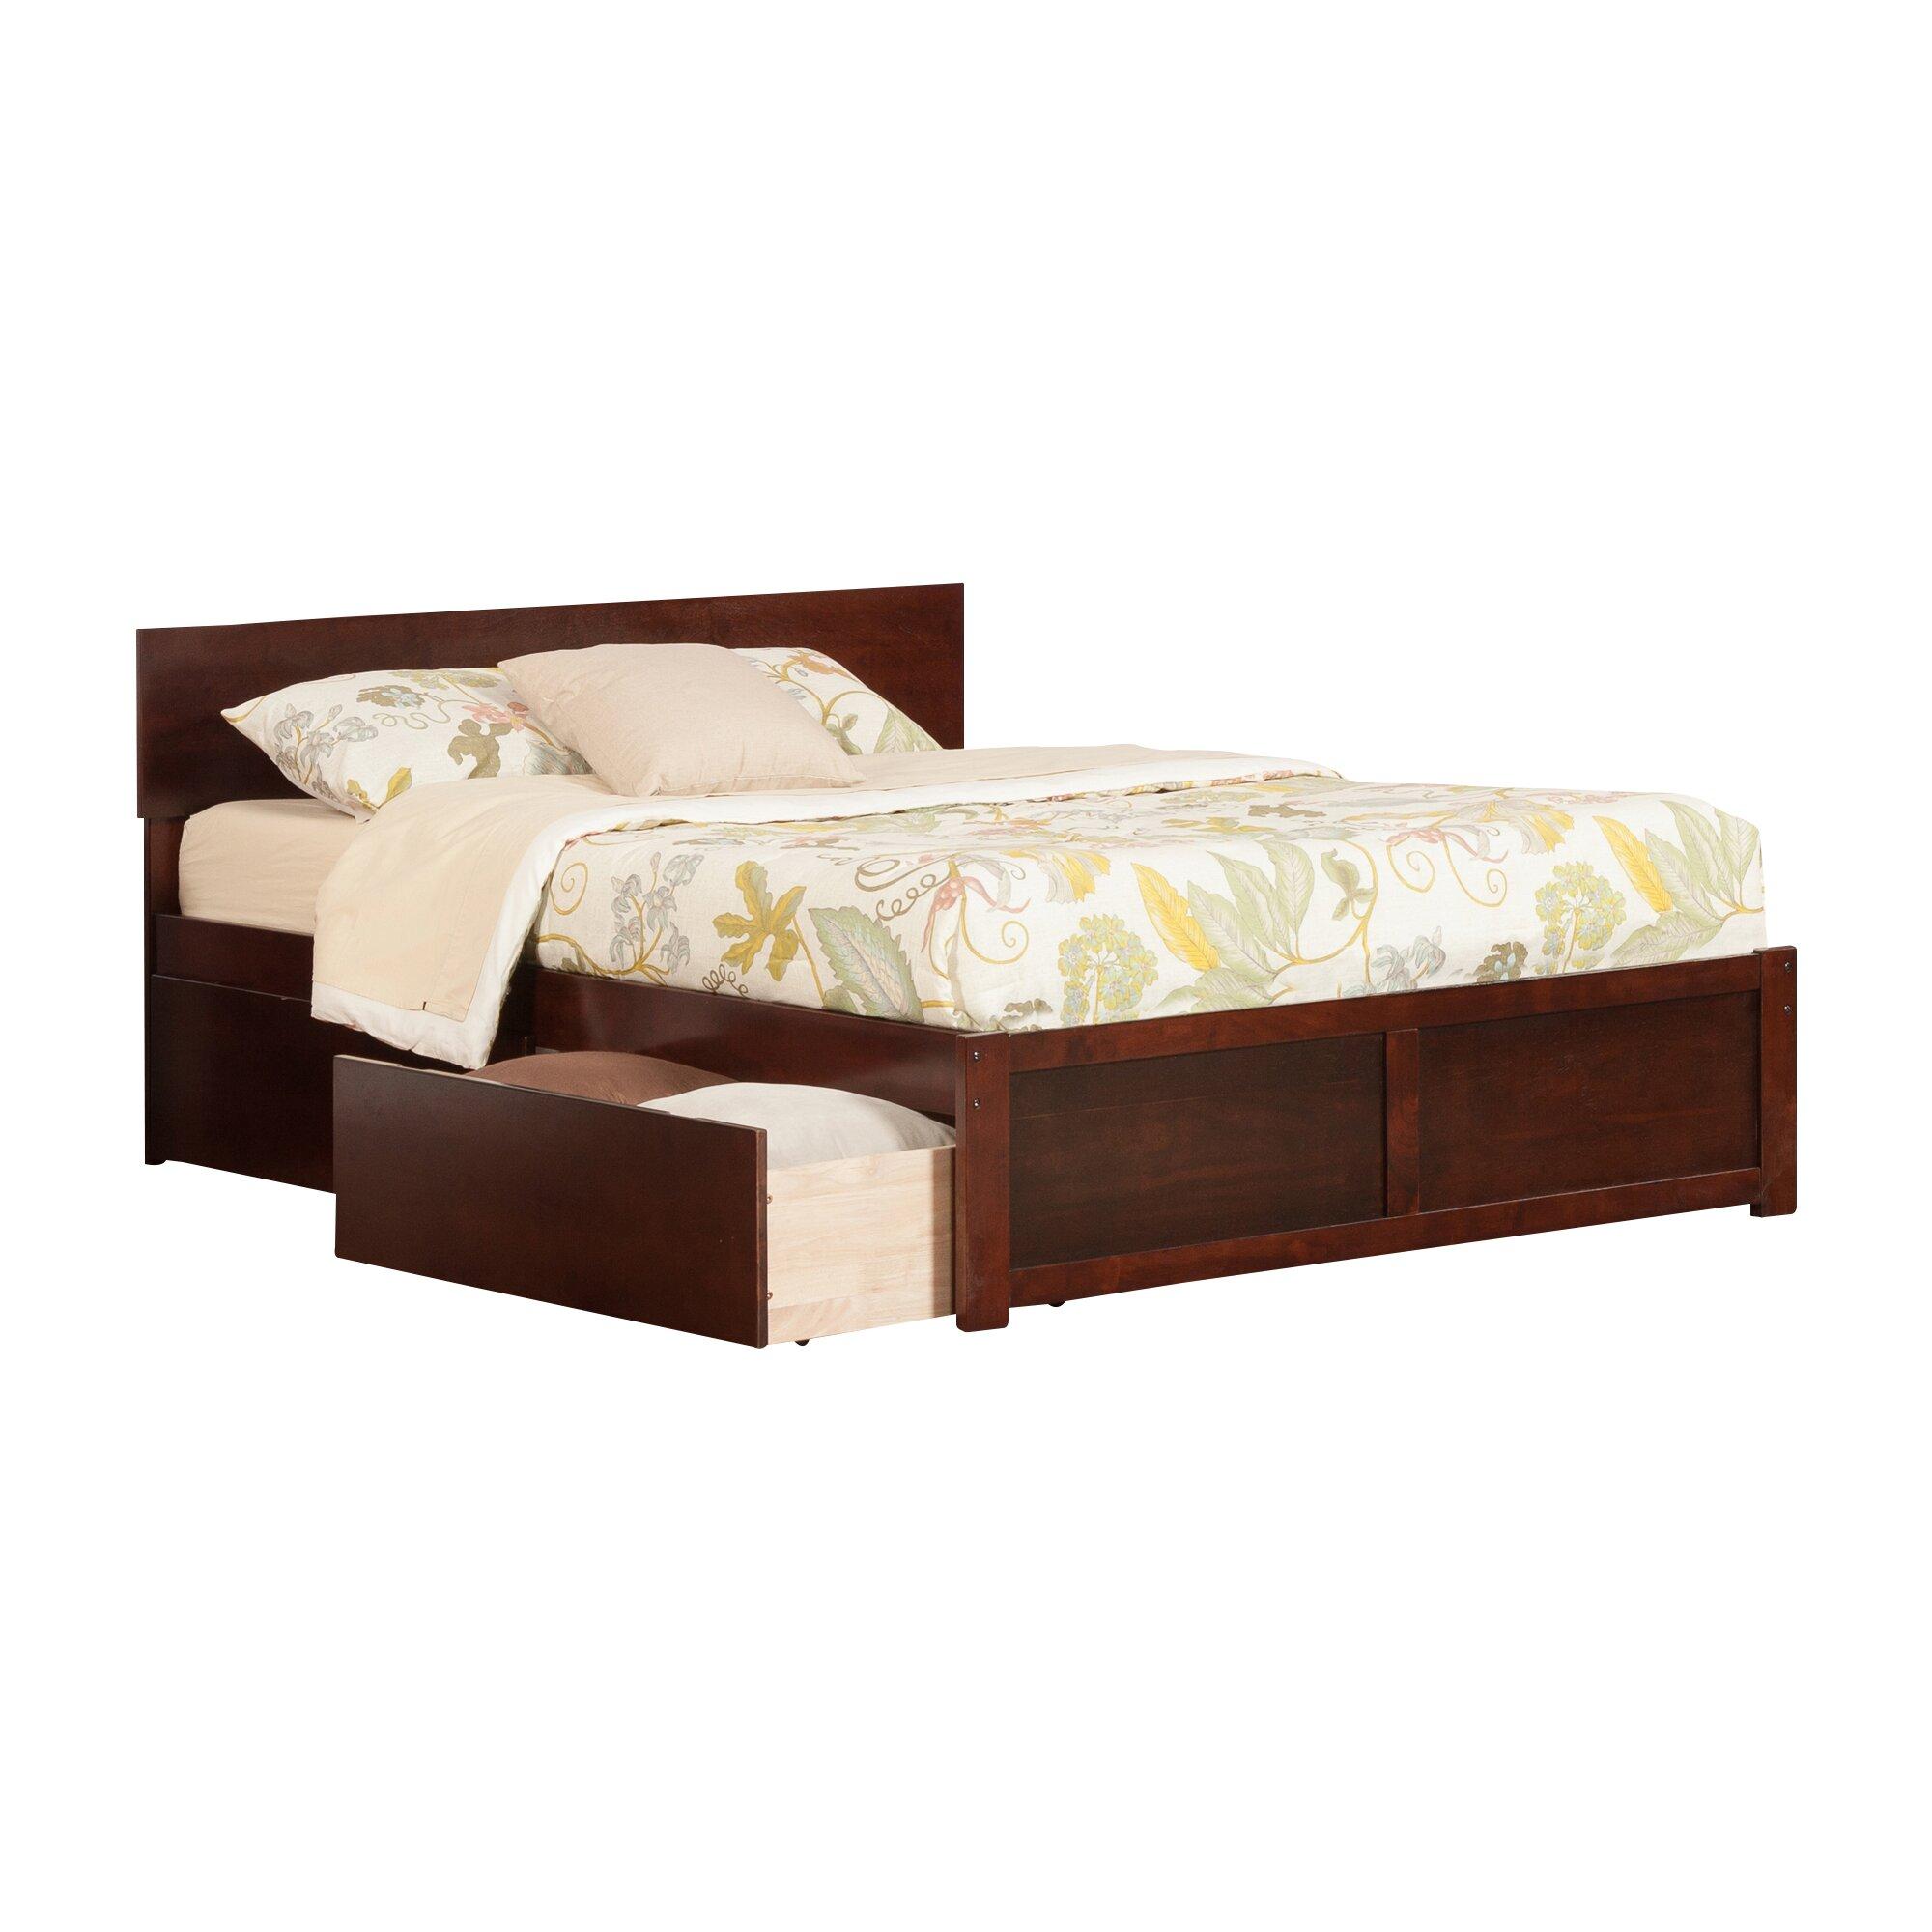 Atlantic Furniture Orlando King Storage Platform Bed ...